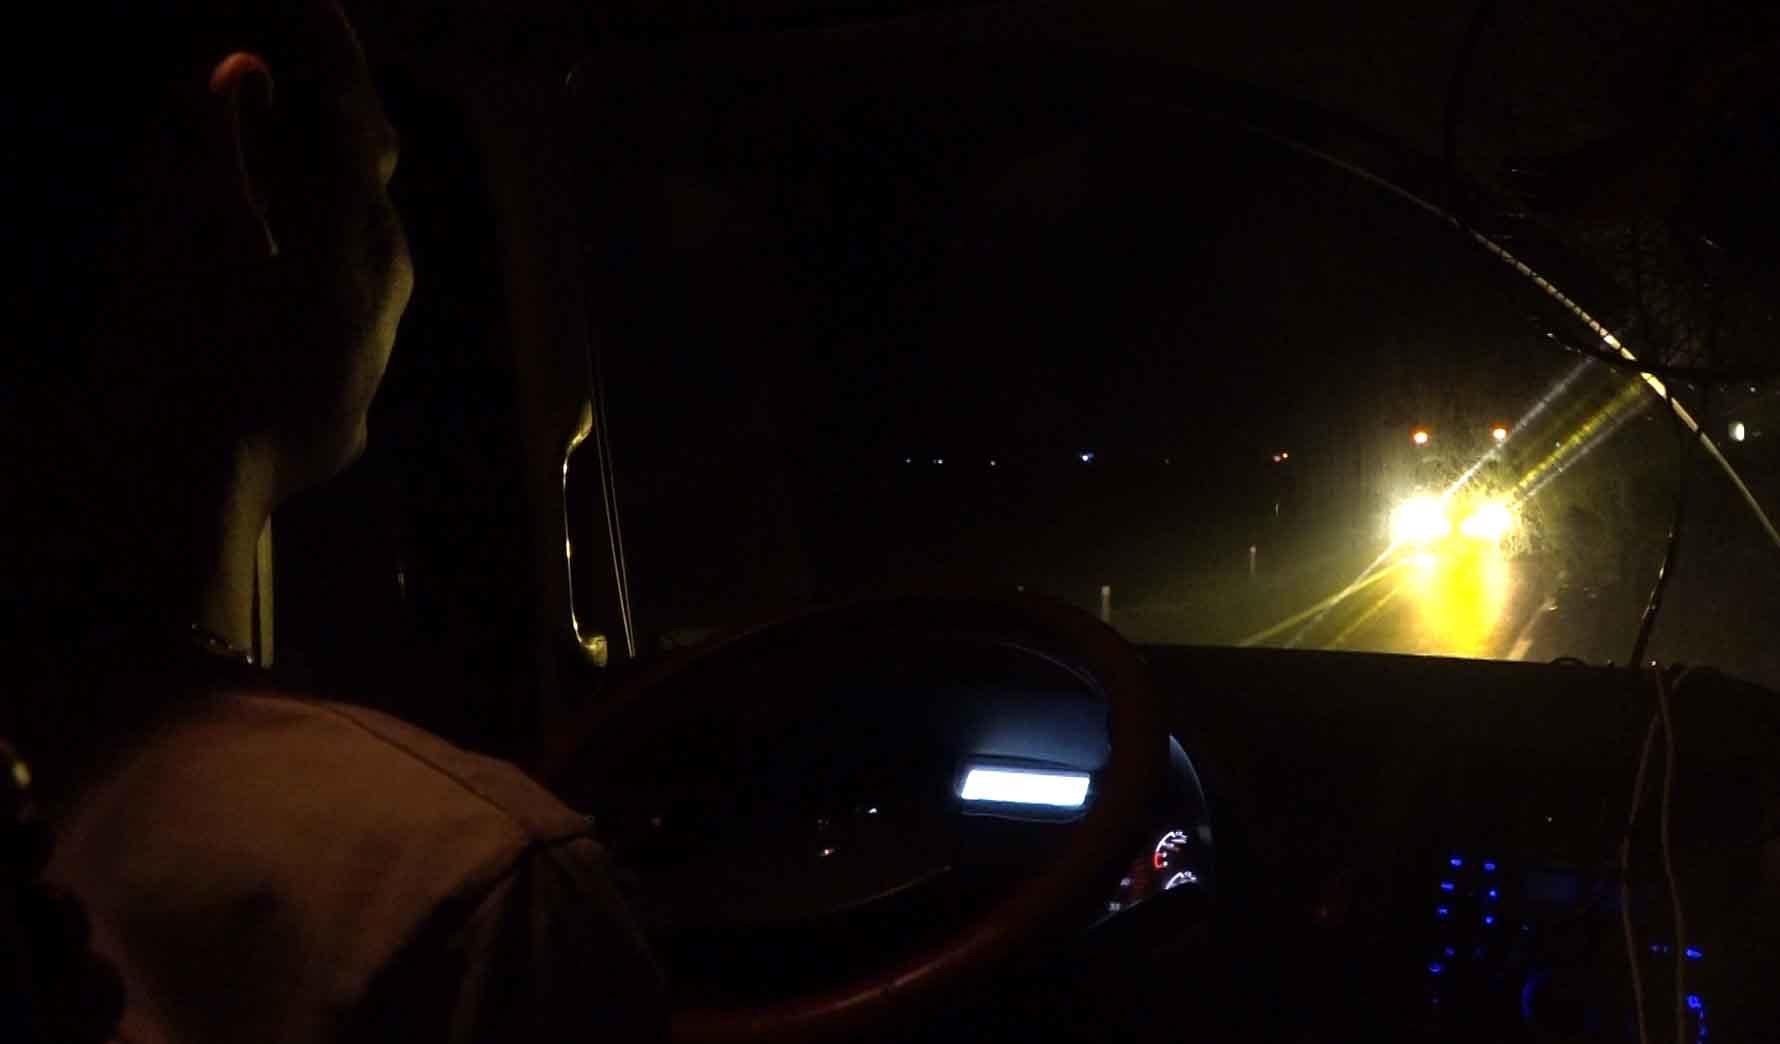 Lời đồn ma túy giúp tỉnh như sáo 2 ngày 2 đêm: Lái xe container tàn đời-3